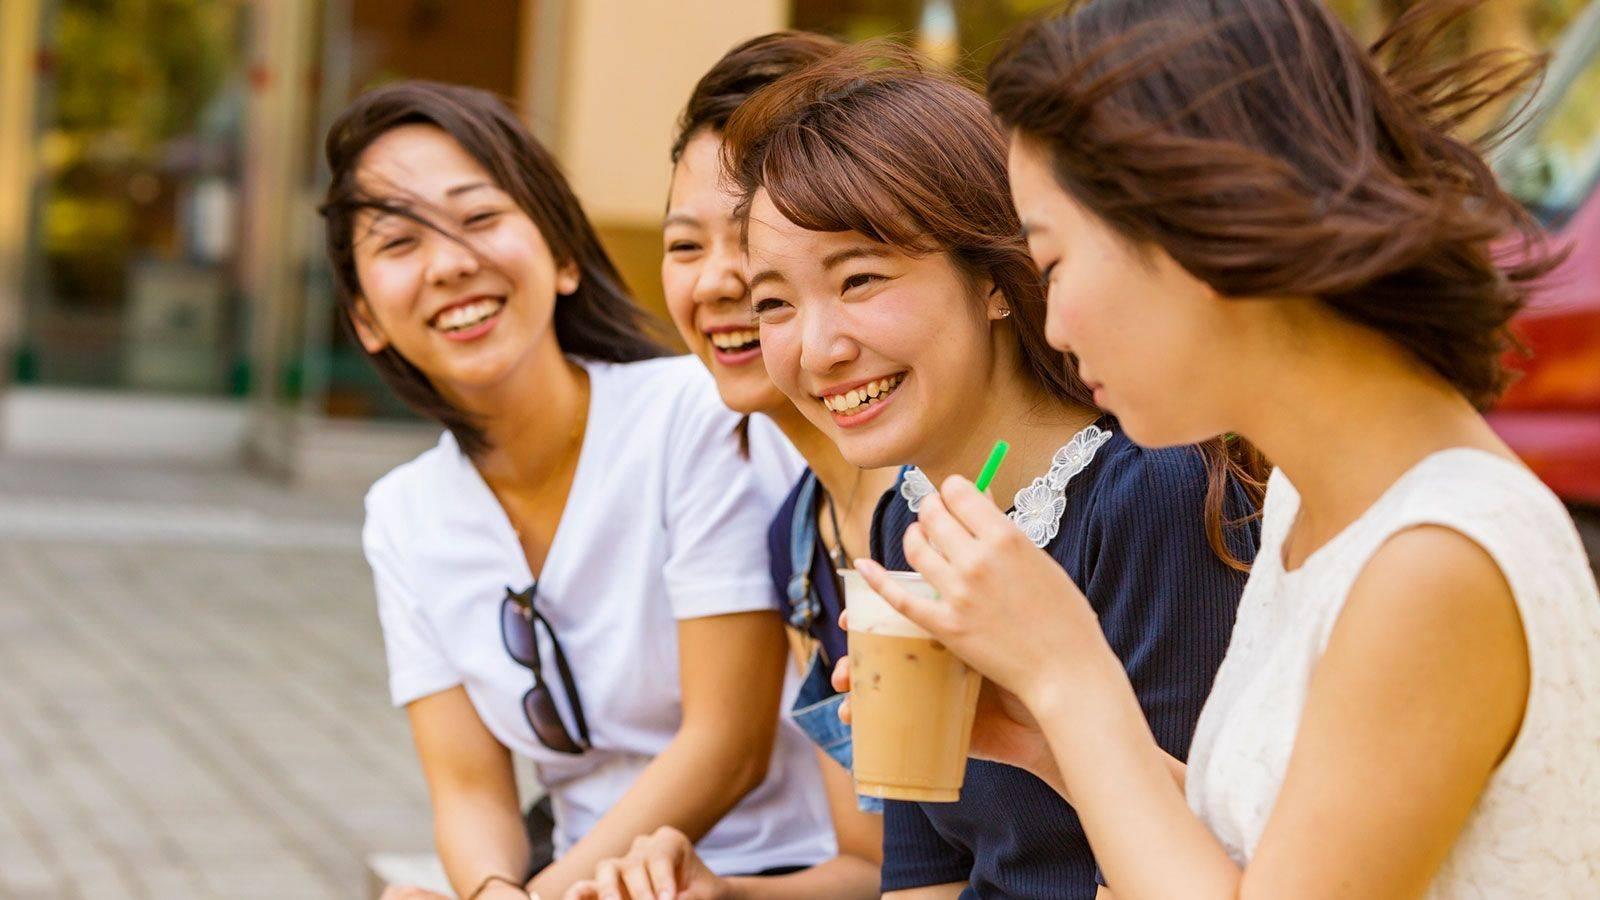 日本女孩@用欧派捧珍珠奶茶 可以感受到奶香